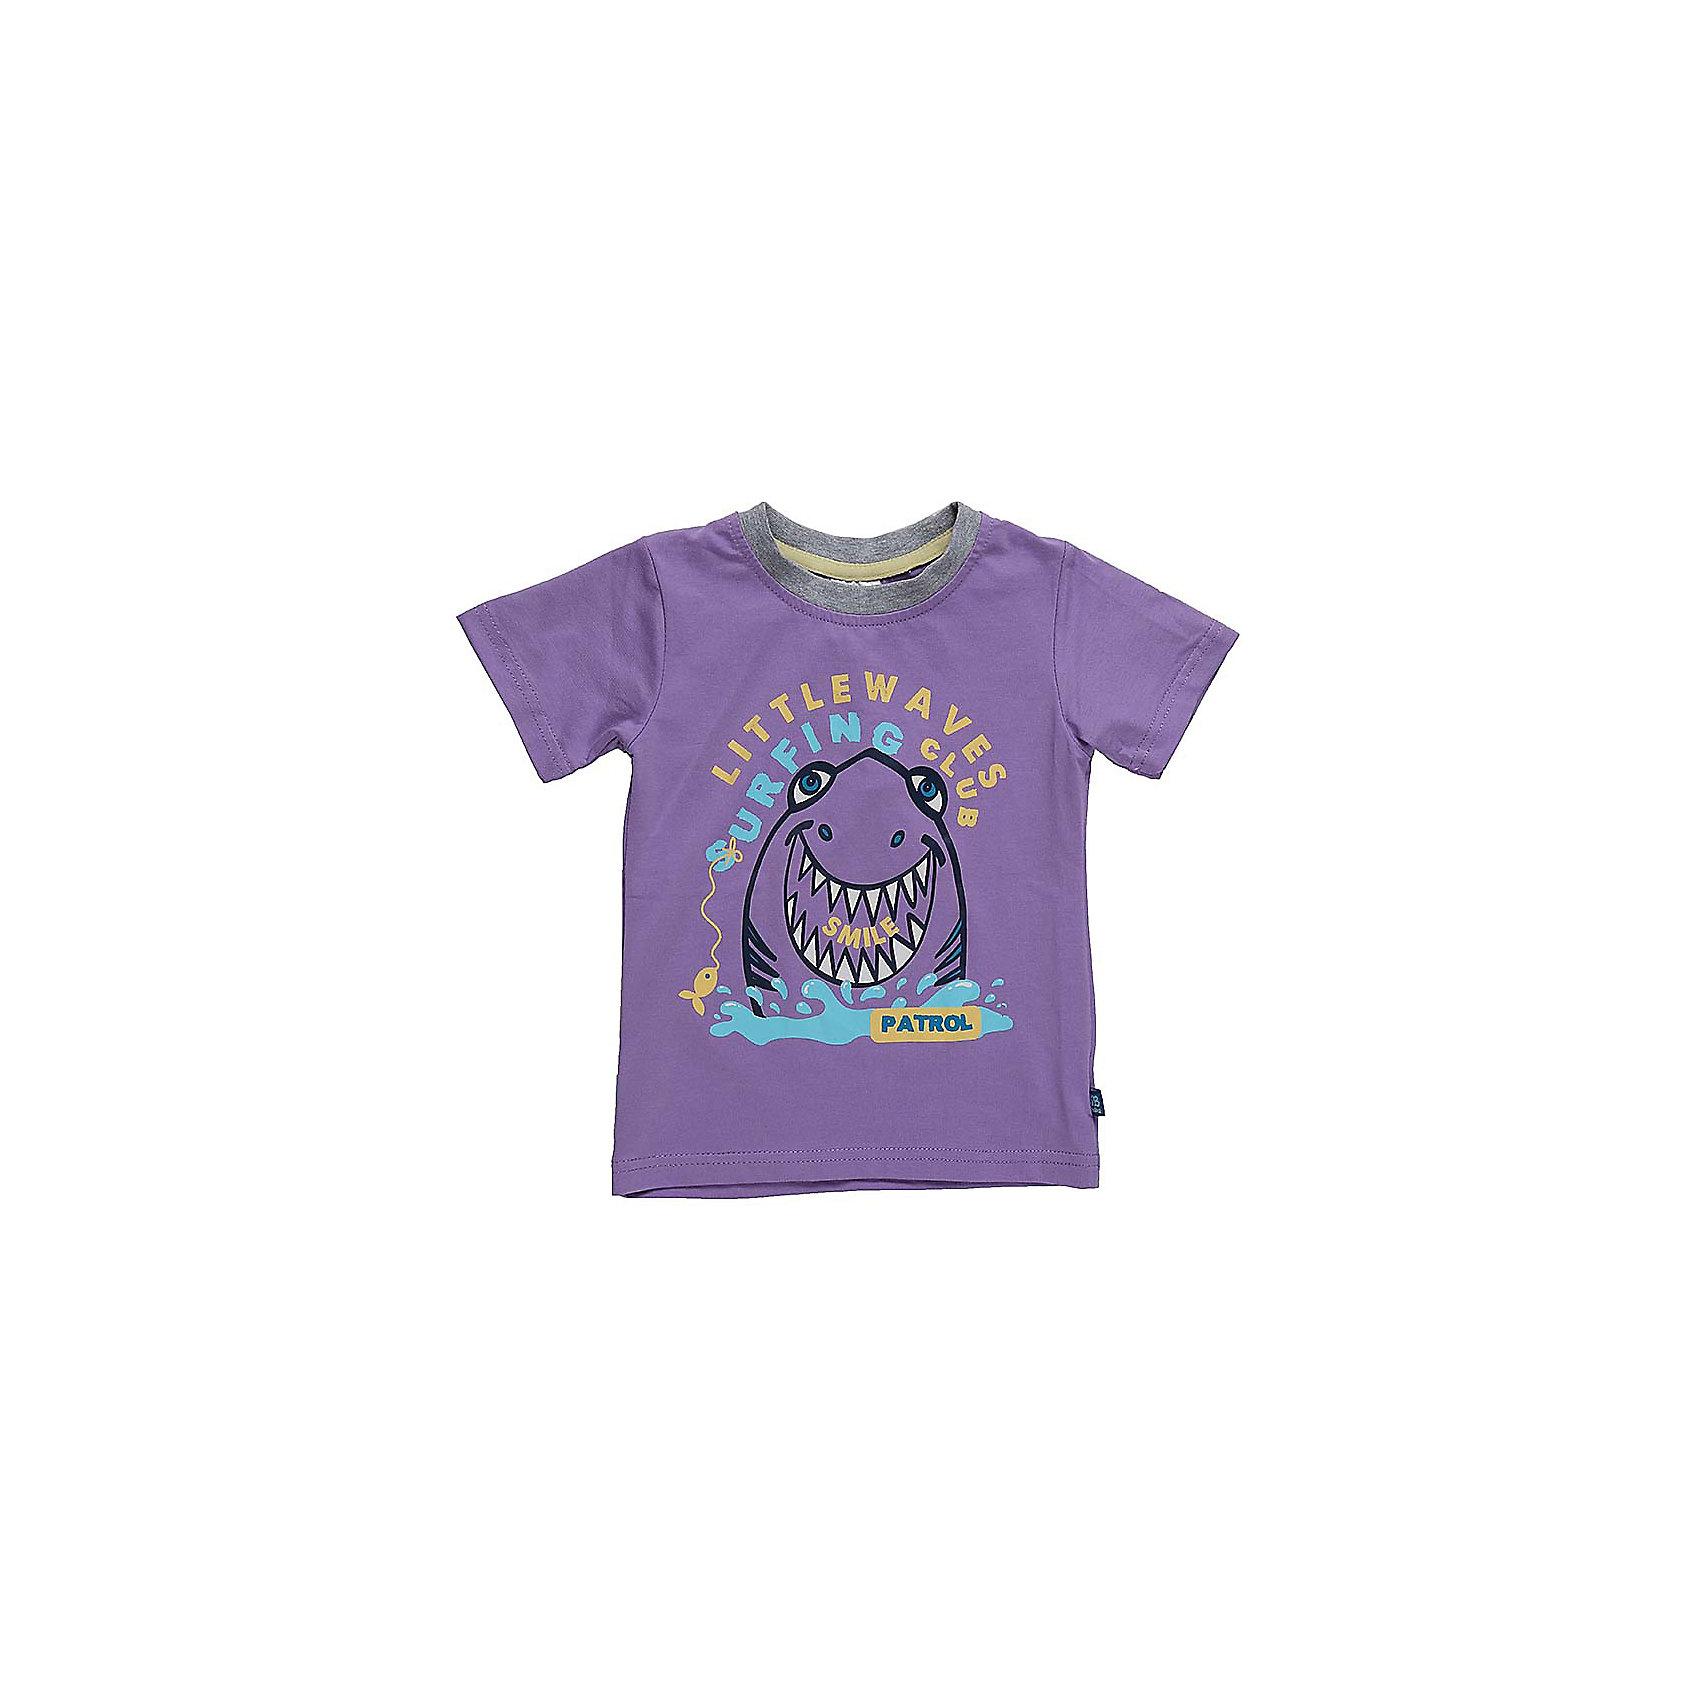 Футболка для мальчика Sweet BerryФутболки, топы<br>Классическая футболка сиреневого цвета с тематическим принтом в морском стиле. Горловина обработана контрастным кантом.<br>Состав:<br>95%хлопок 5%эластан<br><br>Ширина мм: 199<br>Глубина мм: 10<br>Высота мм: 161<br>Вес г: 151<br>Цвет: лиловый<br>Возраст от месяцев: 12<br>Возраст до месяцев: 18<br>Пол: Мужской<br>Возраст: Детский<br>Размер: 86,80,98,92<br>SKU: 5411630